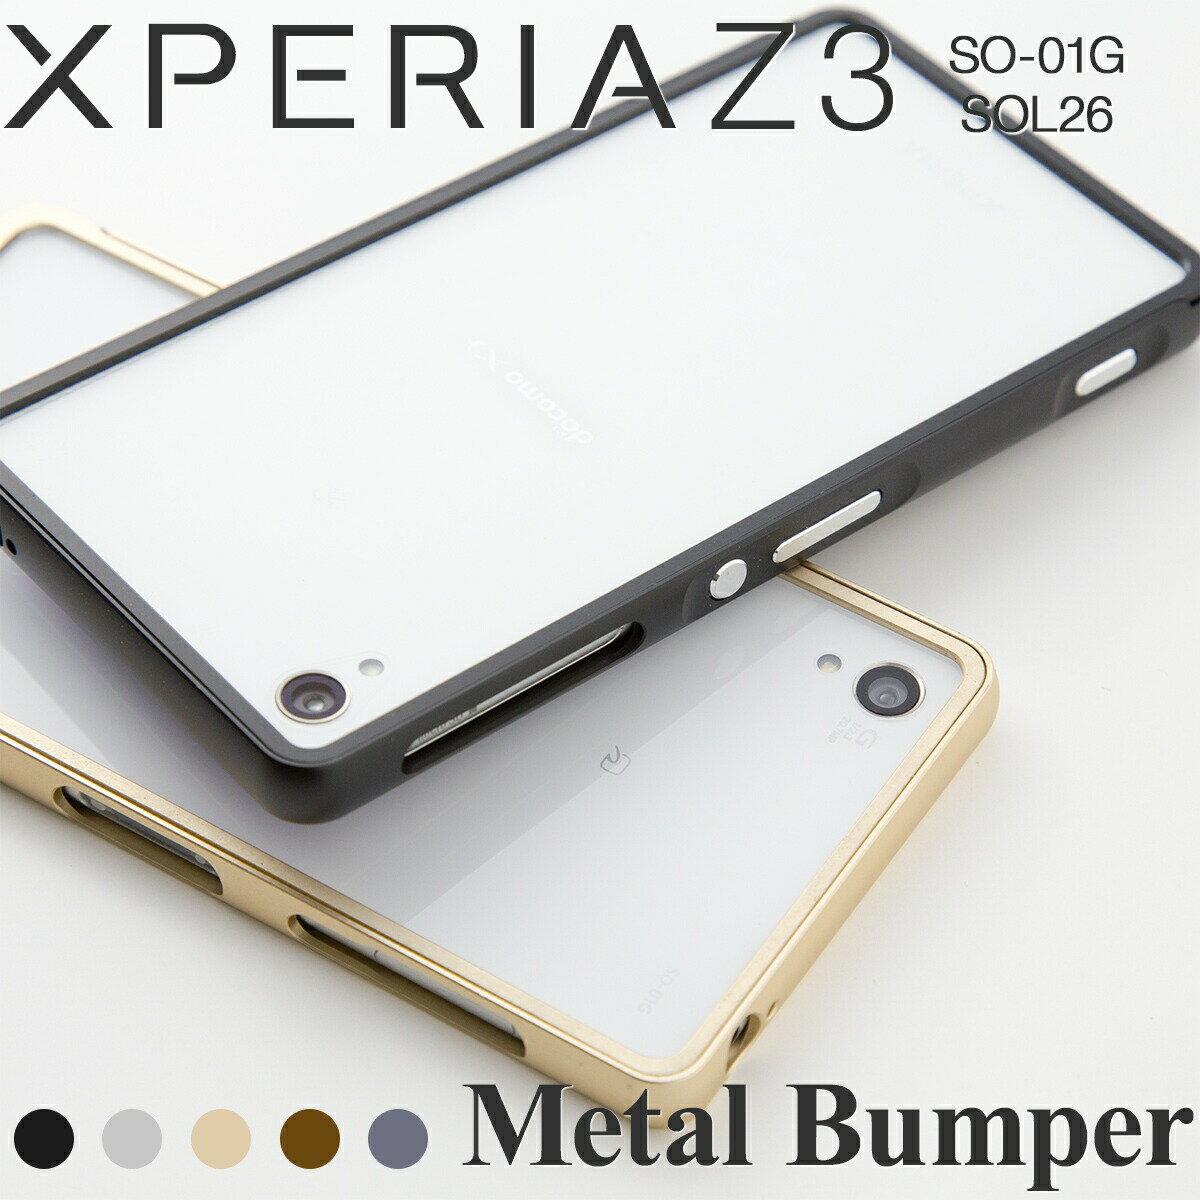 送料無料 Xperia Z3 エクスペリアZ3 SO-01G SOL26 アルミメタルバンパー アルミ メタルケース メタルバンパー バンパーケース スマホケース スマホ スマートフォン スマホカバー Android アンドロイド エクスペリア Xperia Z3